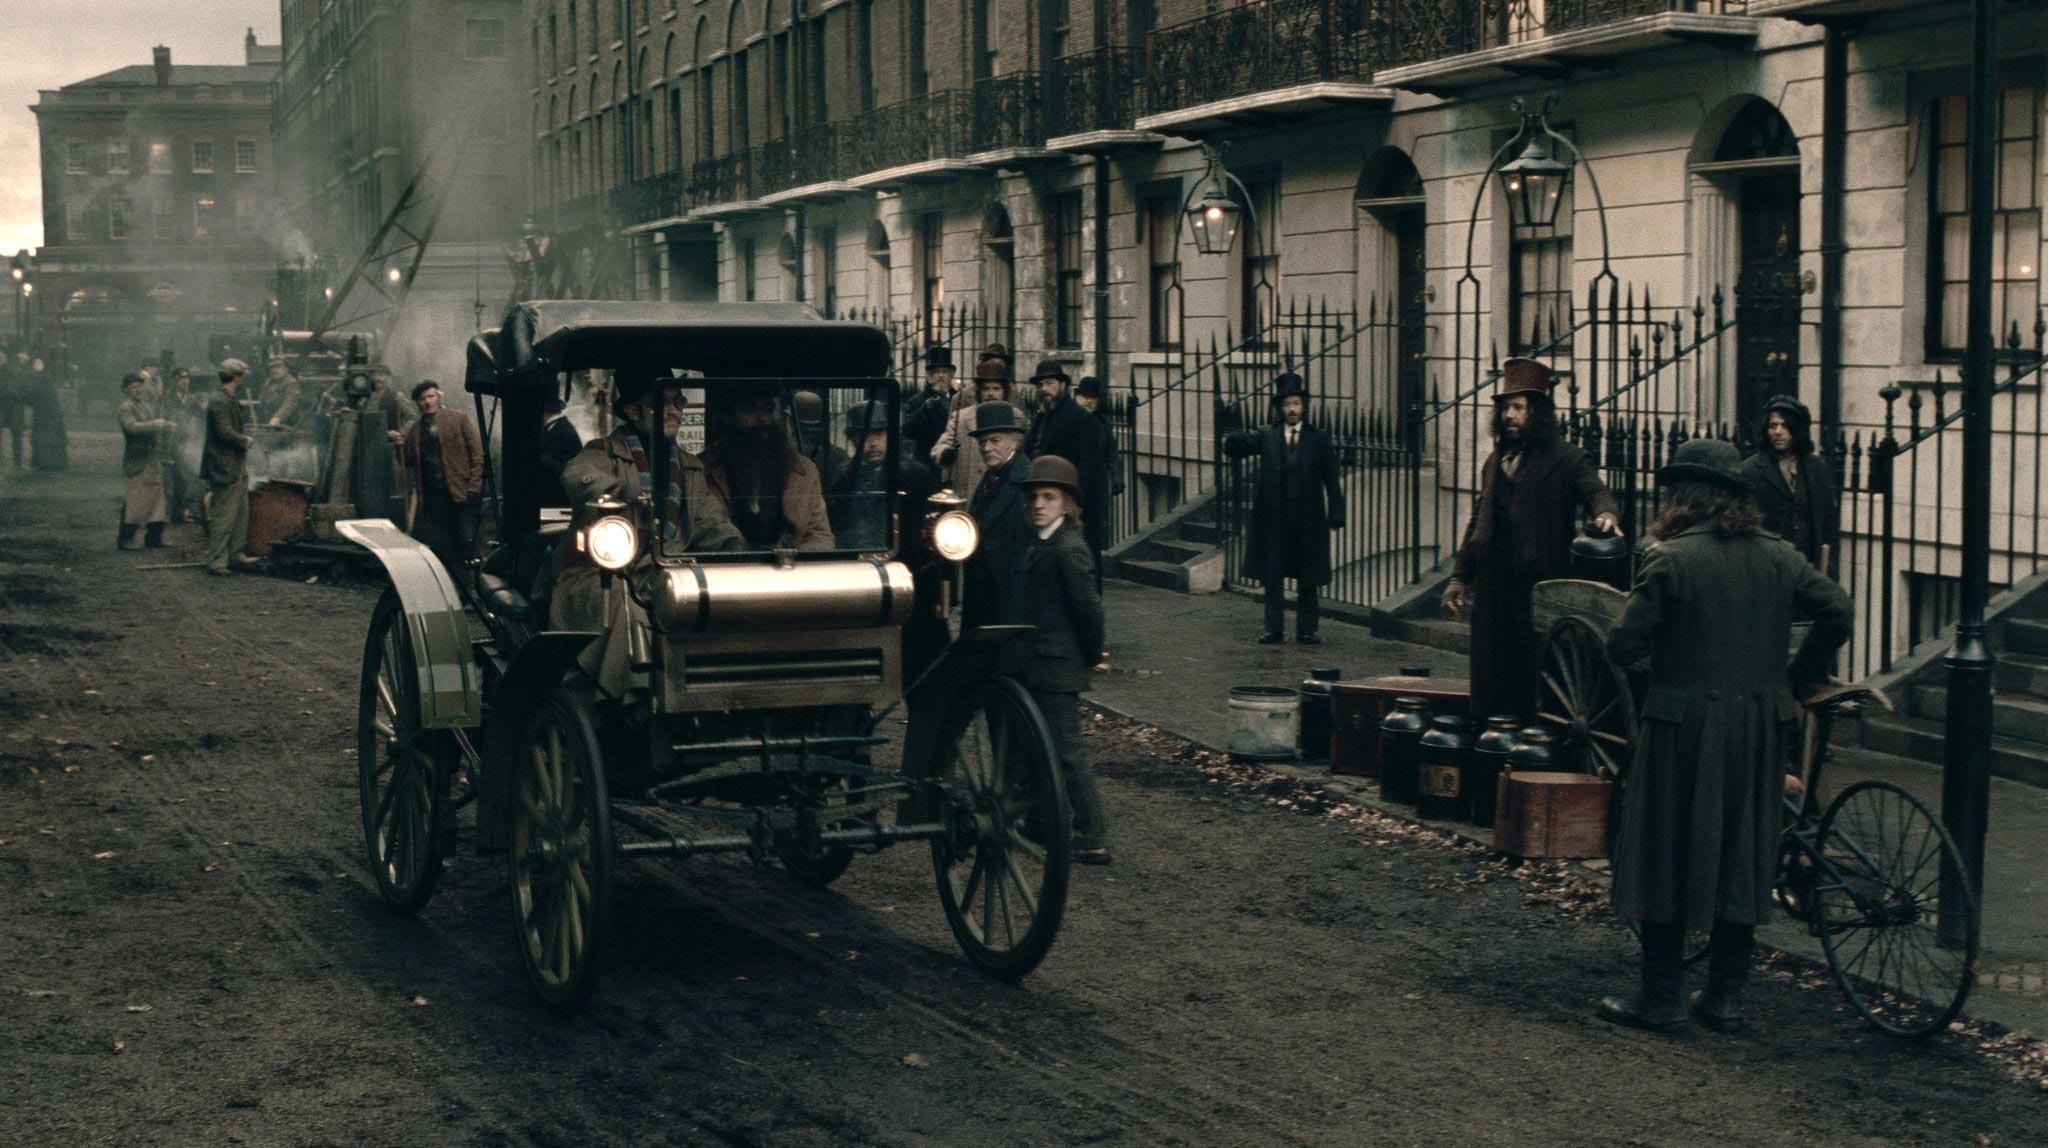 Кадр из фильма «Шерлок Холмс: Игра теней» (режиссёр Гай Ричи, 2011)